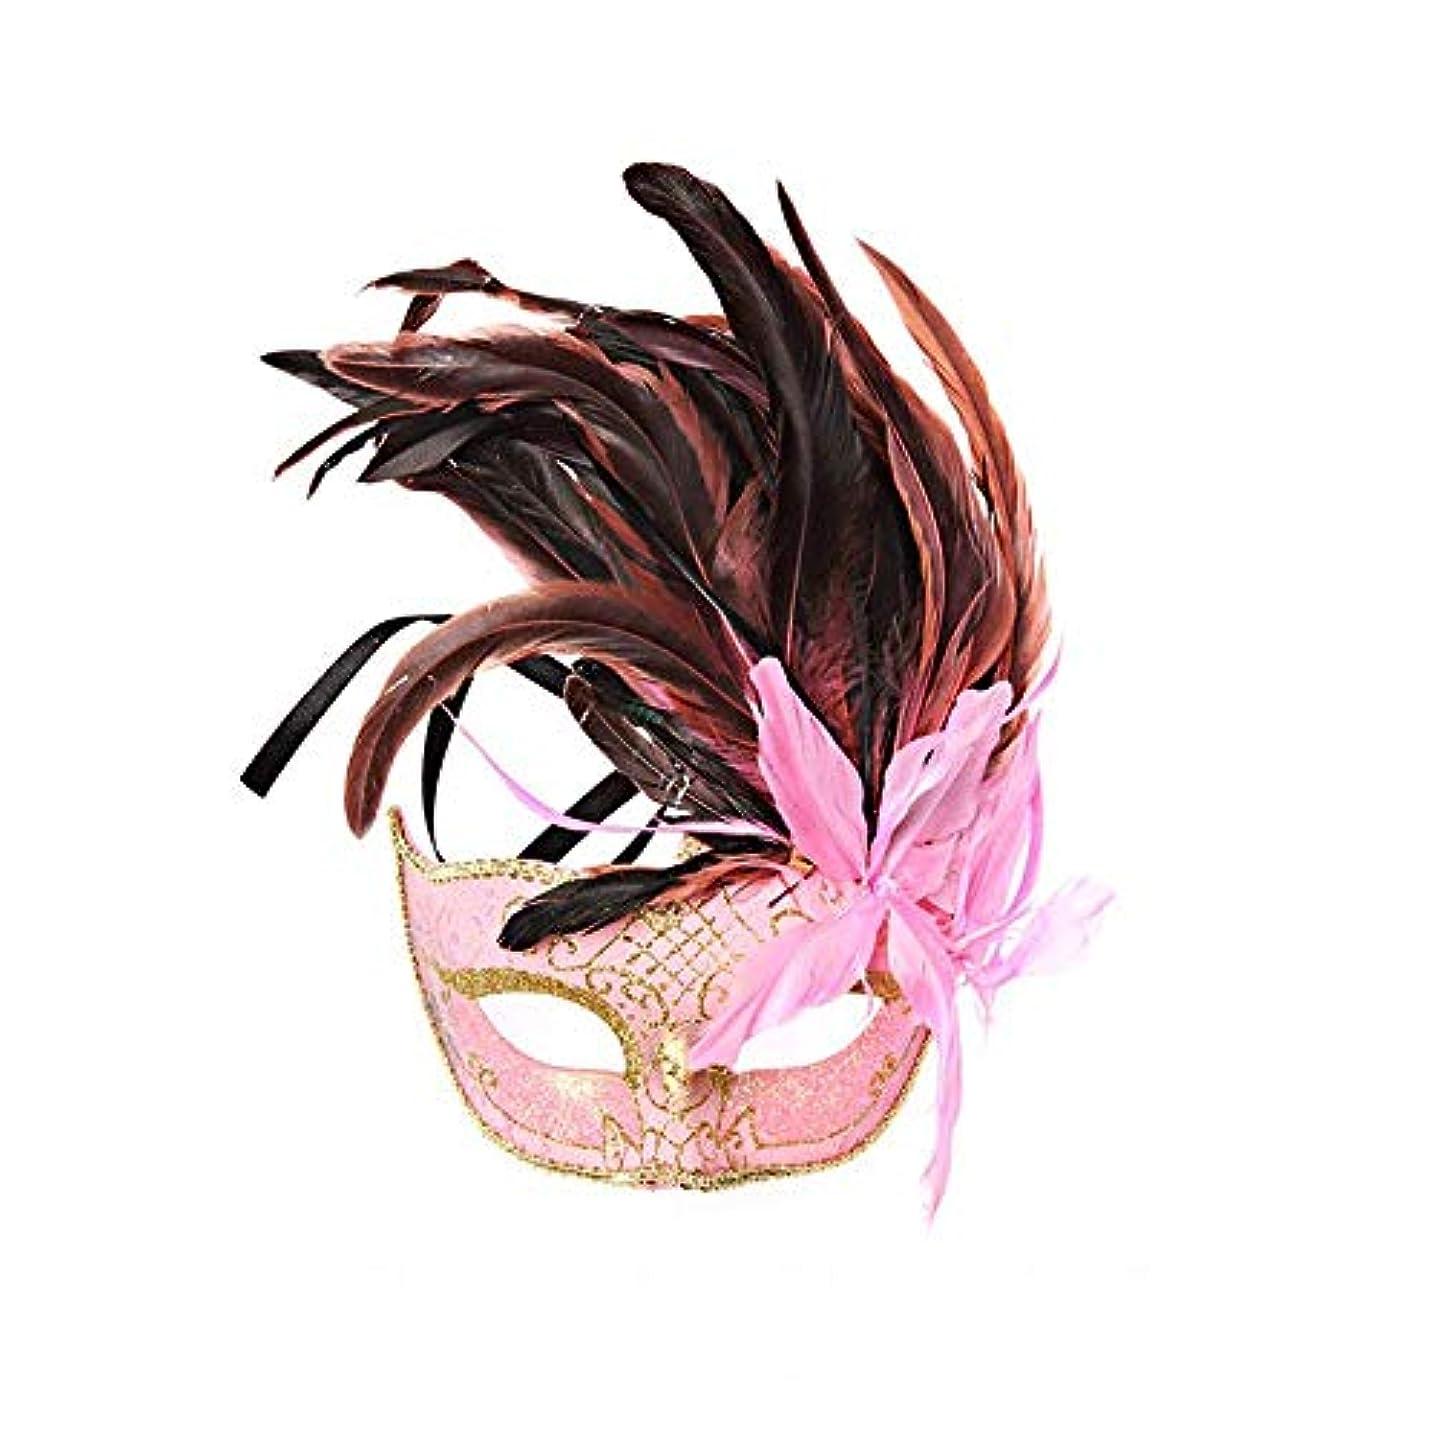 ライター眉原因Nanle ハロウィンマスクハーフフェザーマスクベニスプリンセスマスク美容レース仮面ライダーコスプレ (色 : Style A pink)